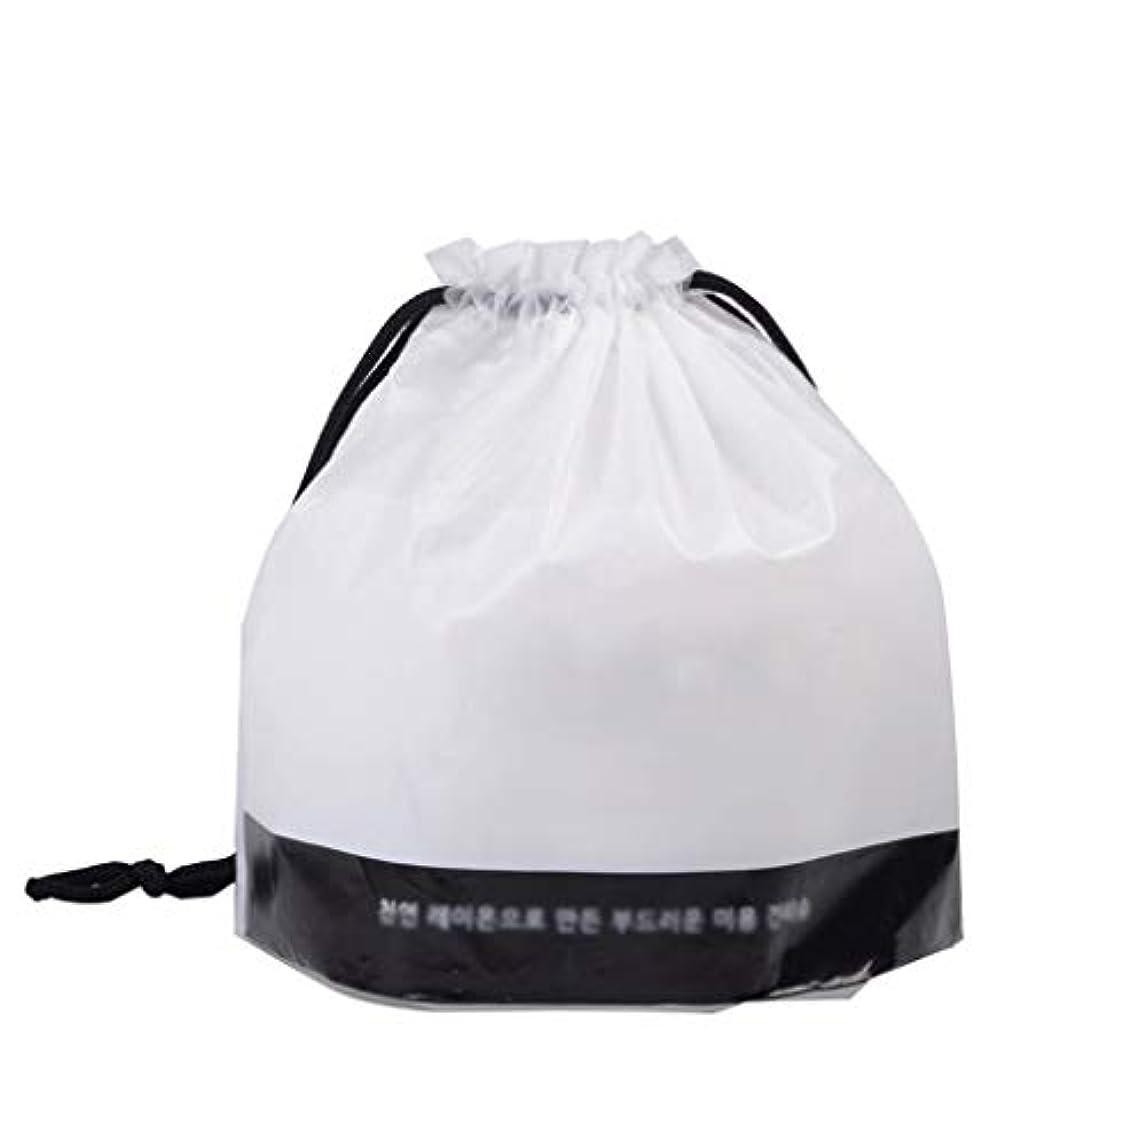 弱点積極的にスティック袋詰めクレンジングタオル、女性男性学生コットンメイクアップリムーバーパッド、屋外の旅行出張ポータブルフェイスタオル (Color : White)